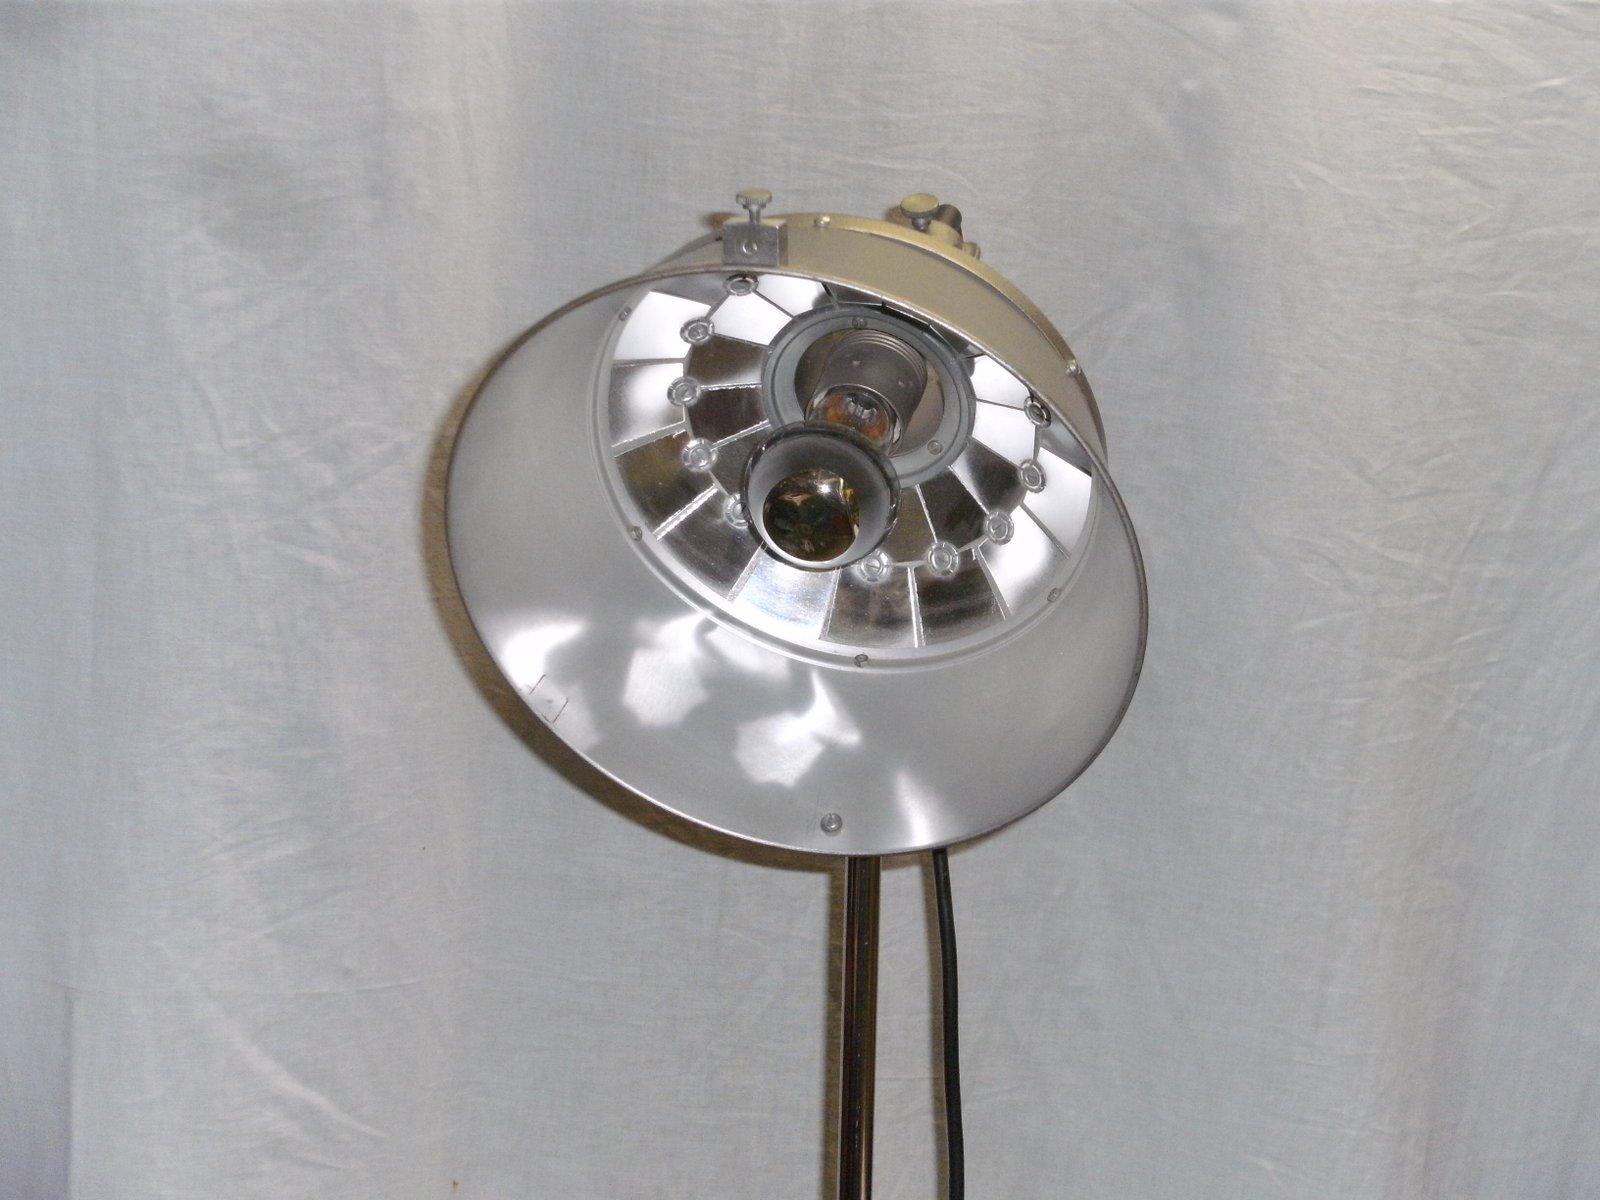 Lampe de photographe sur pied de k weinert 1950s en vente sur pamono - Lampe de photographe ...